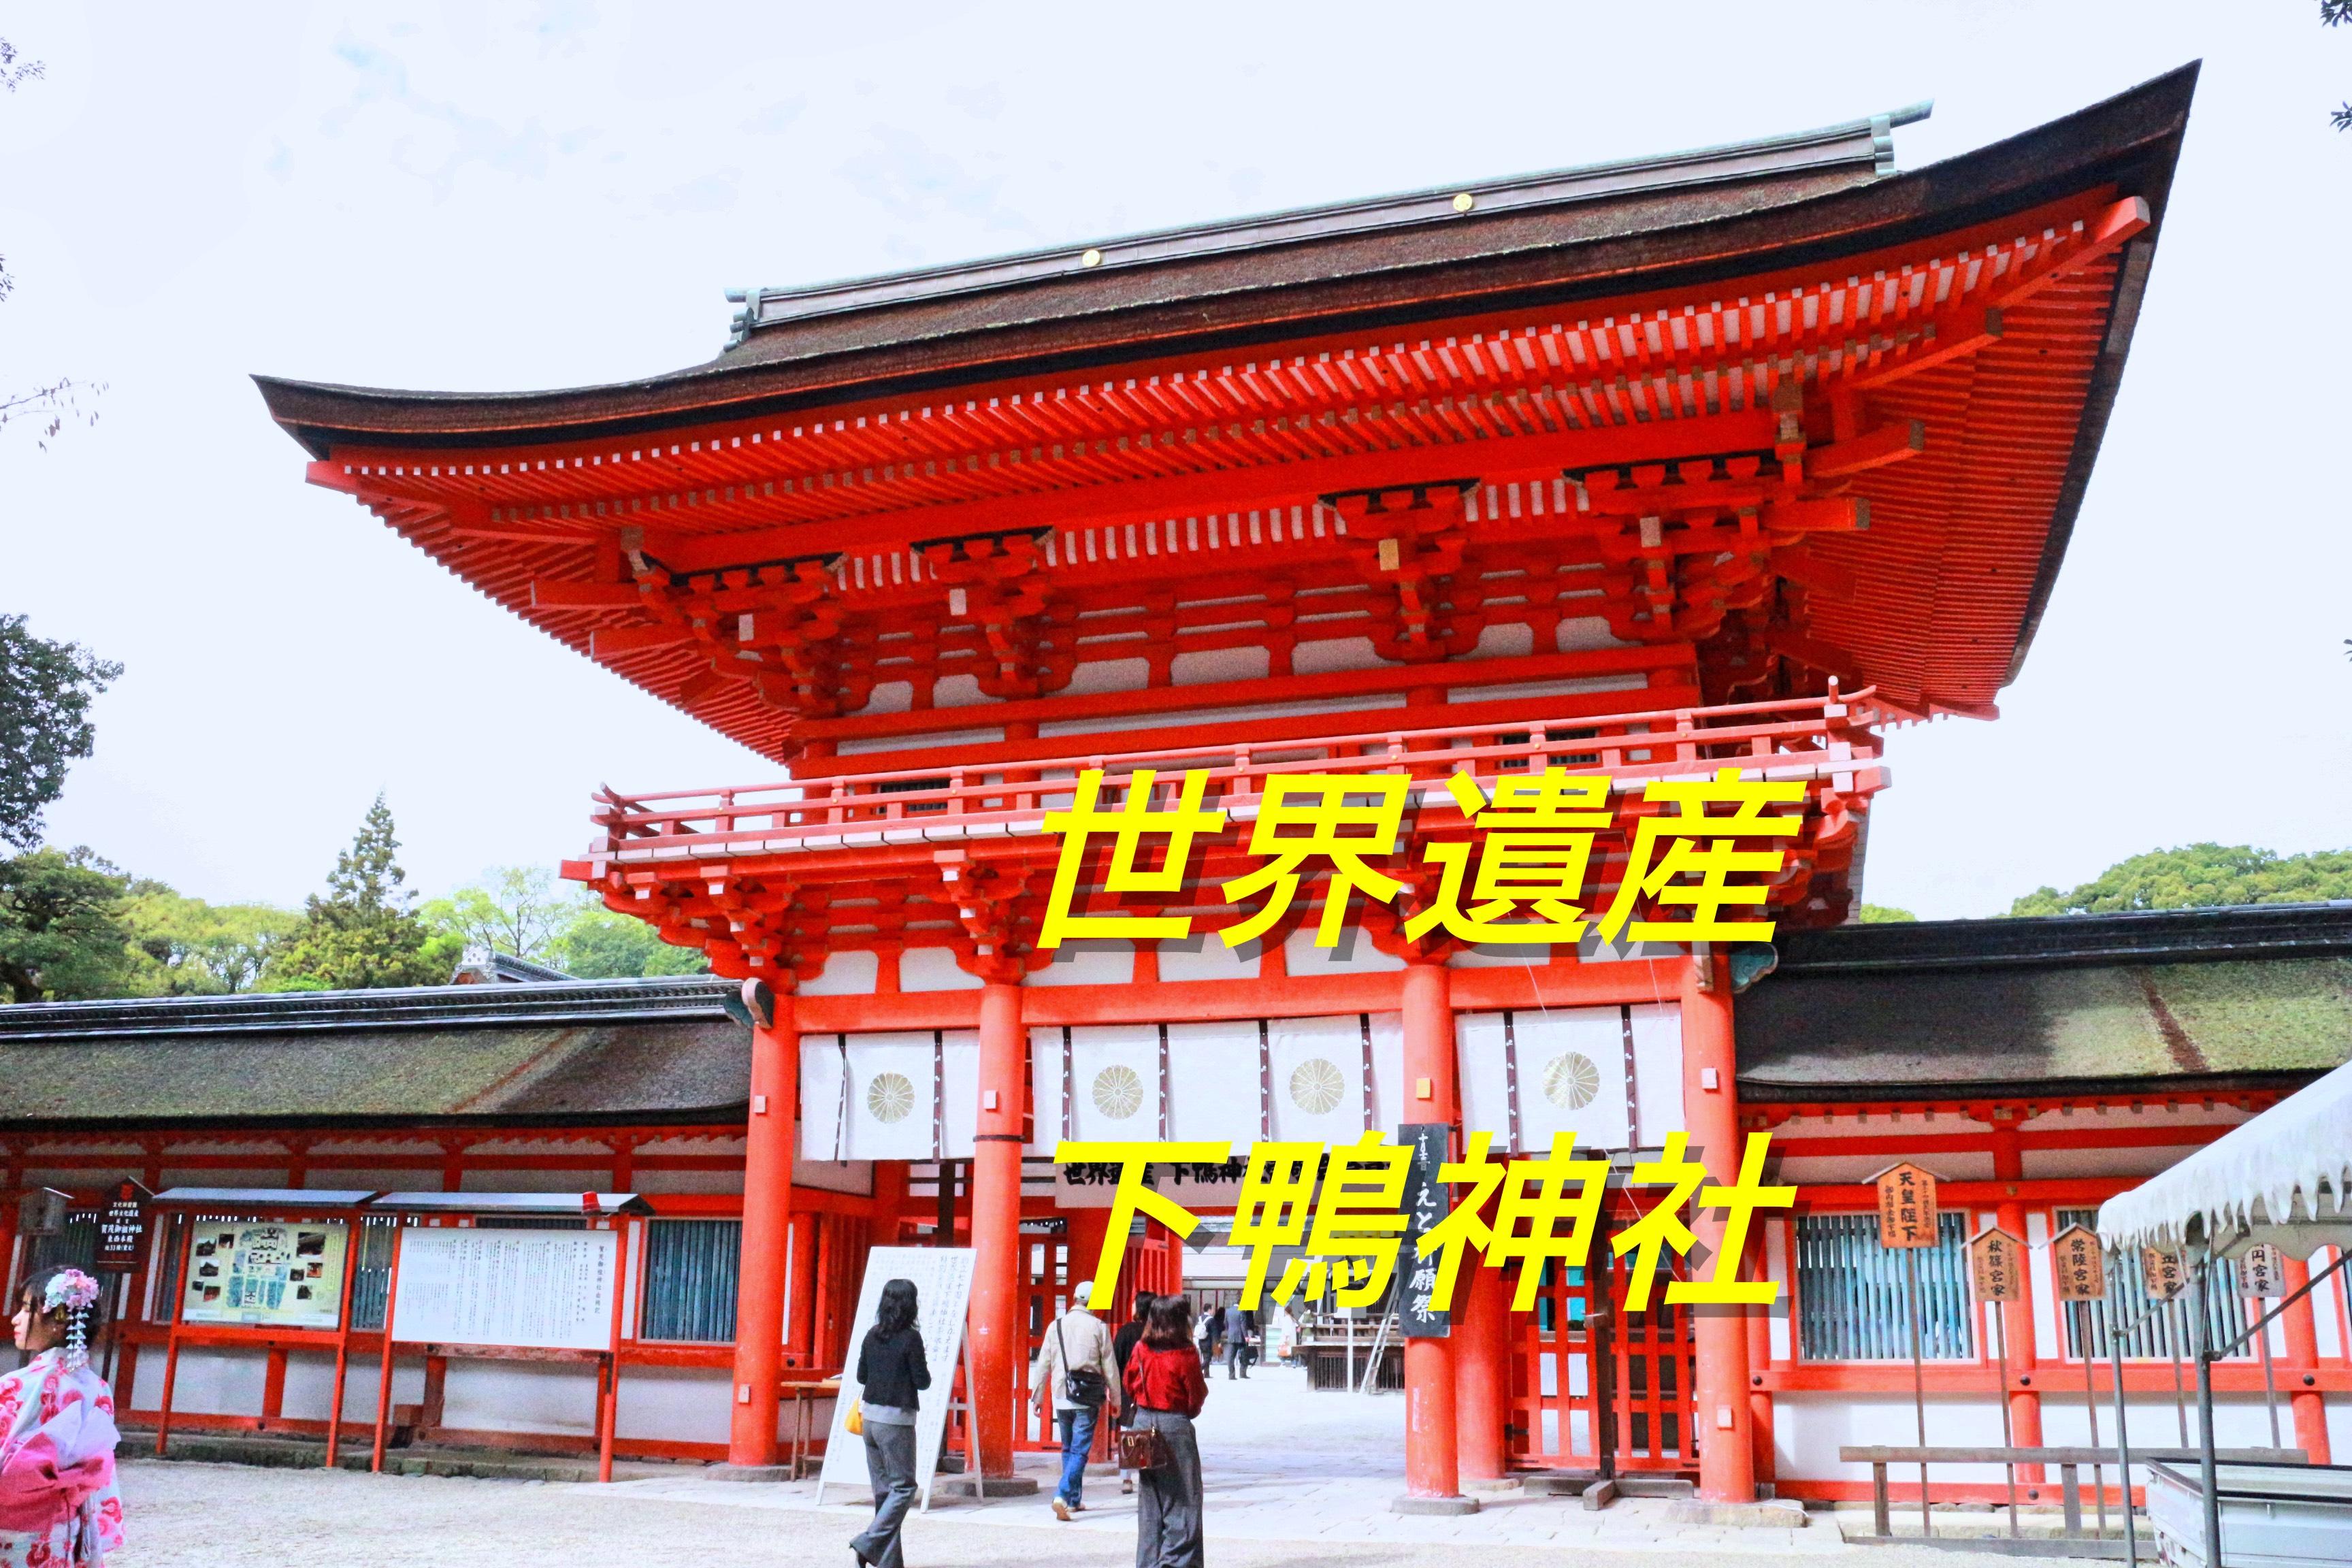 下鴨神社のシンボル双葉葵は神様のお力を表す言葉。世界遺産・下鴨神社の御朱印と参拝情報をご紹介